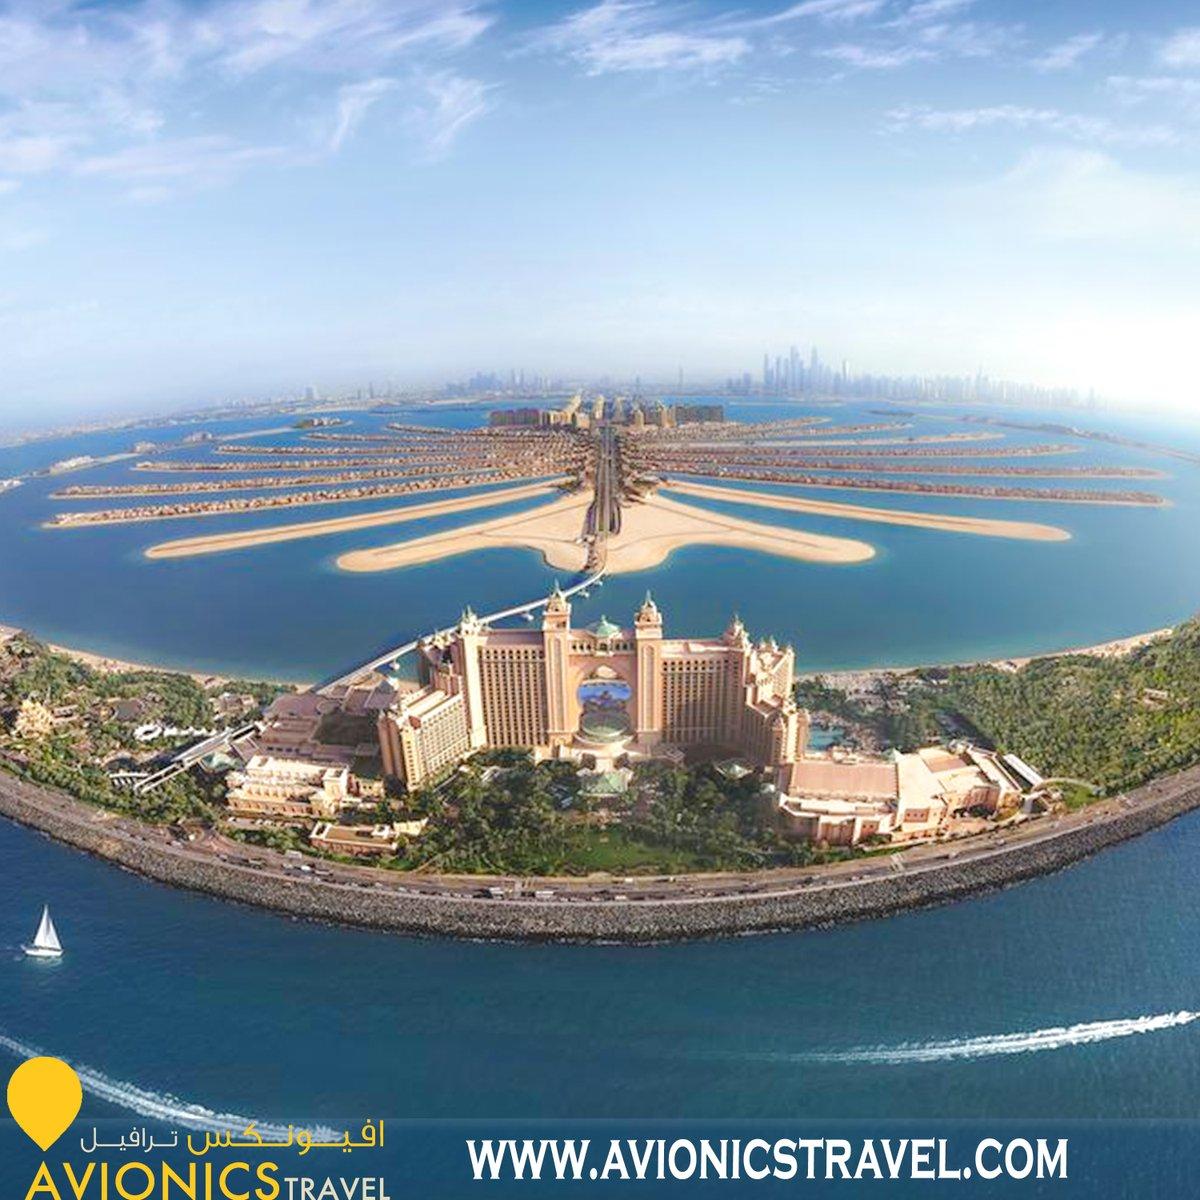 Atlantis the Palm  #Dubai #UAE #Atlantisthepalm #DXB